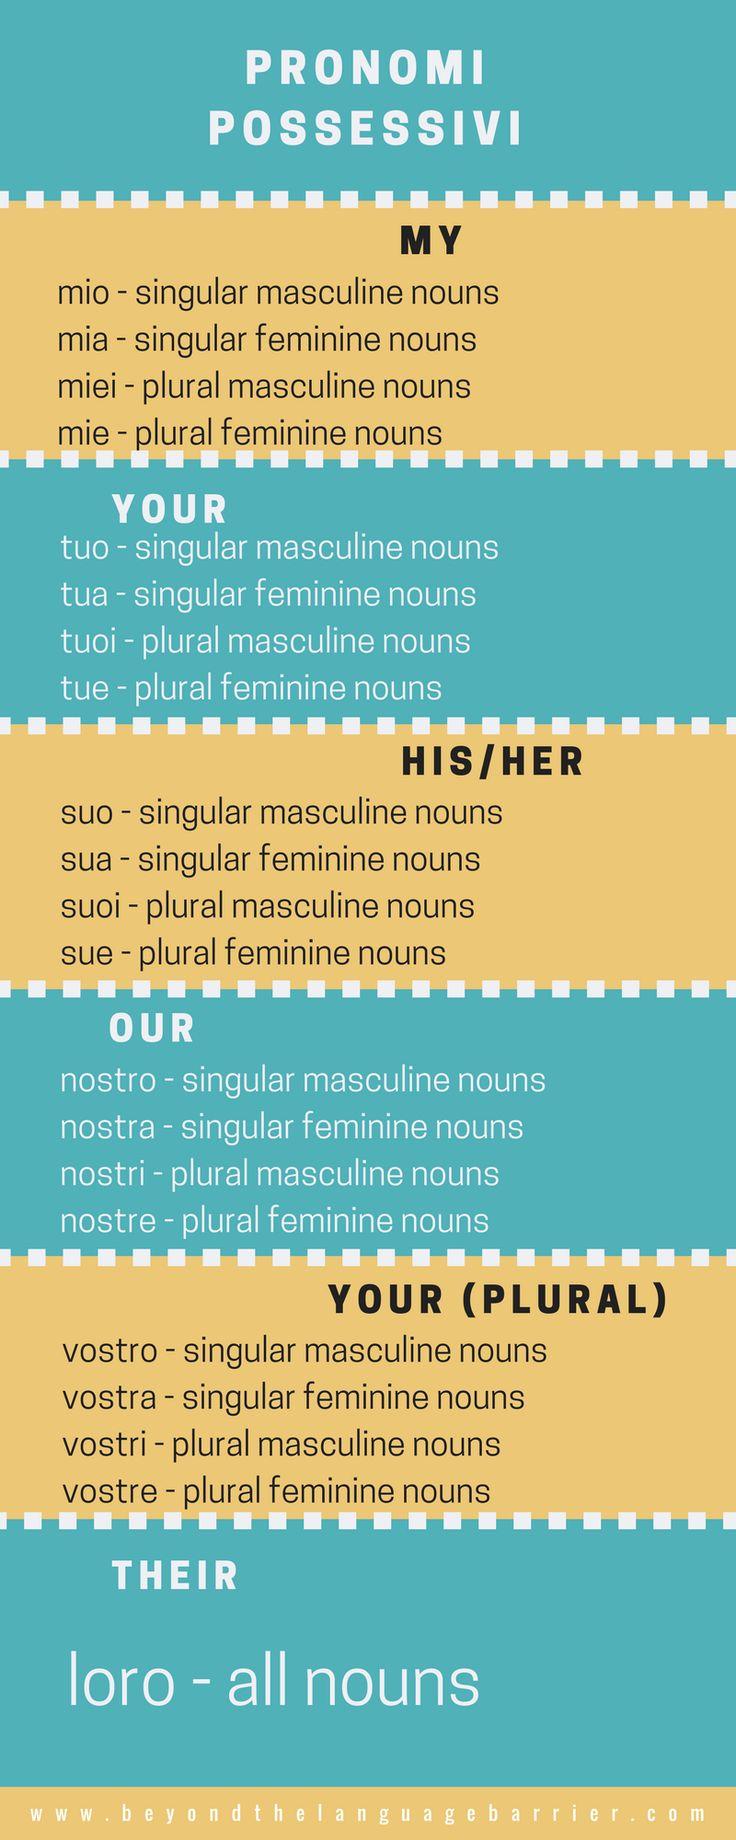 Possessive pronouns in Italian